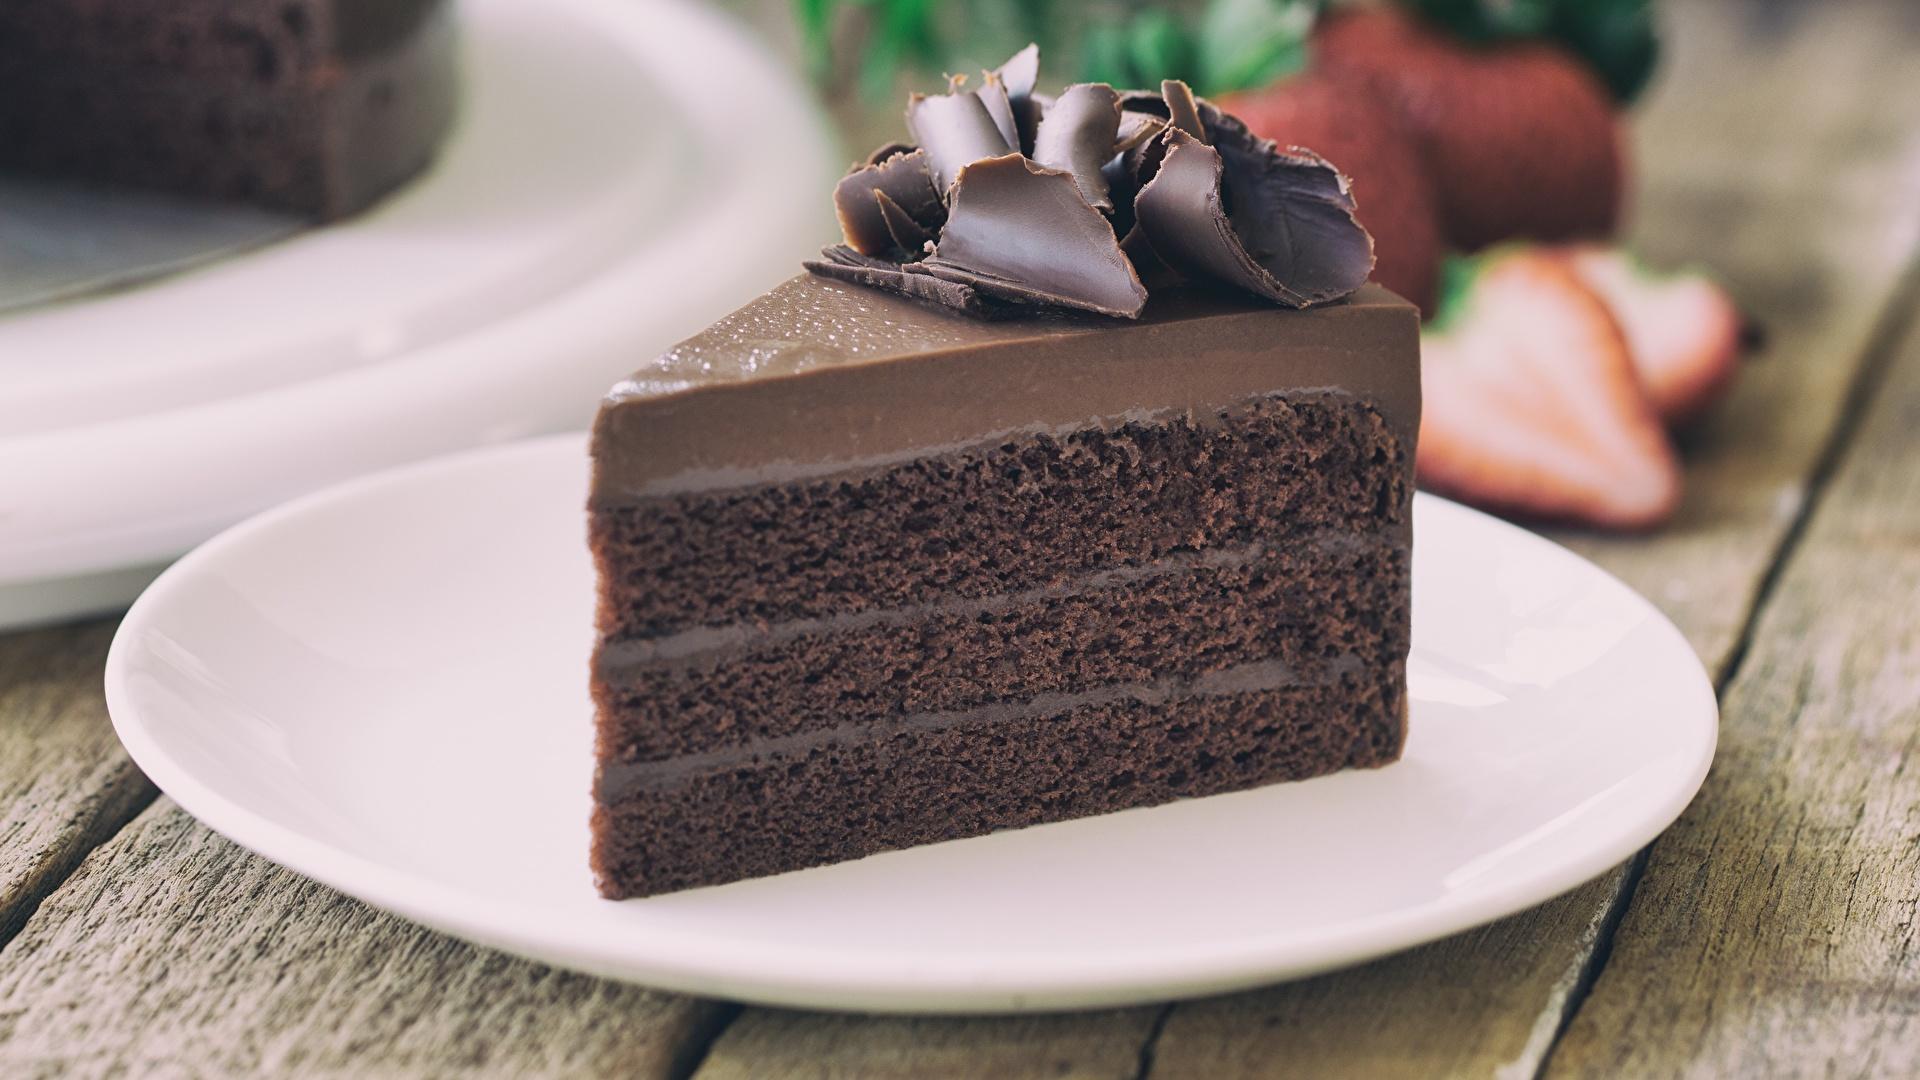 Фотография Шоколад Торты кусочки Еда Тарелка 1920x1080 часть Кусок кусочек Пища тарелке Продукты питания